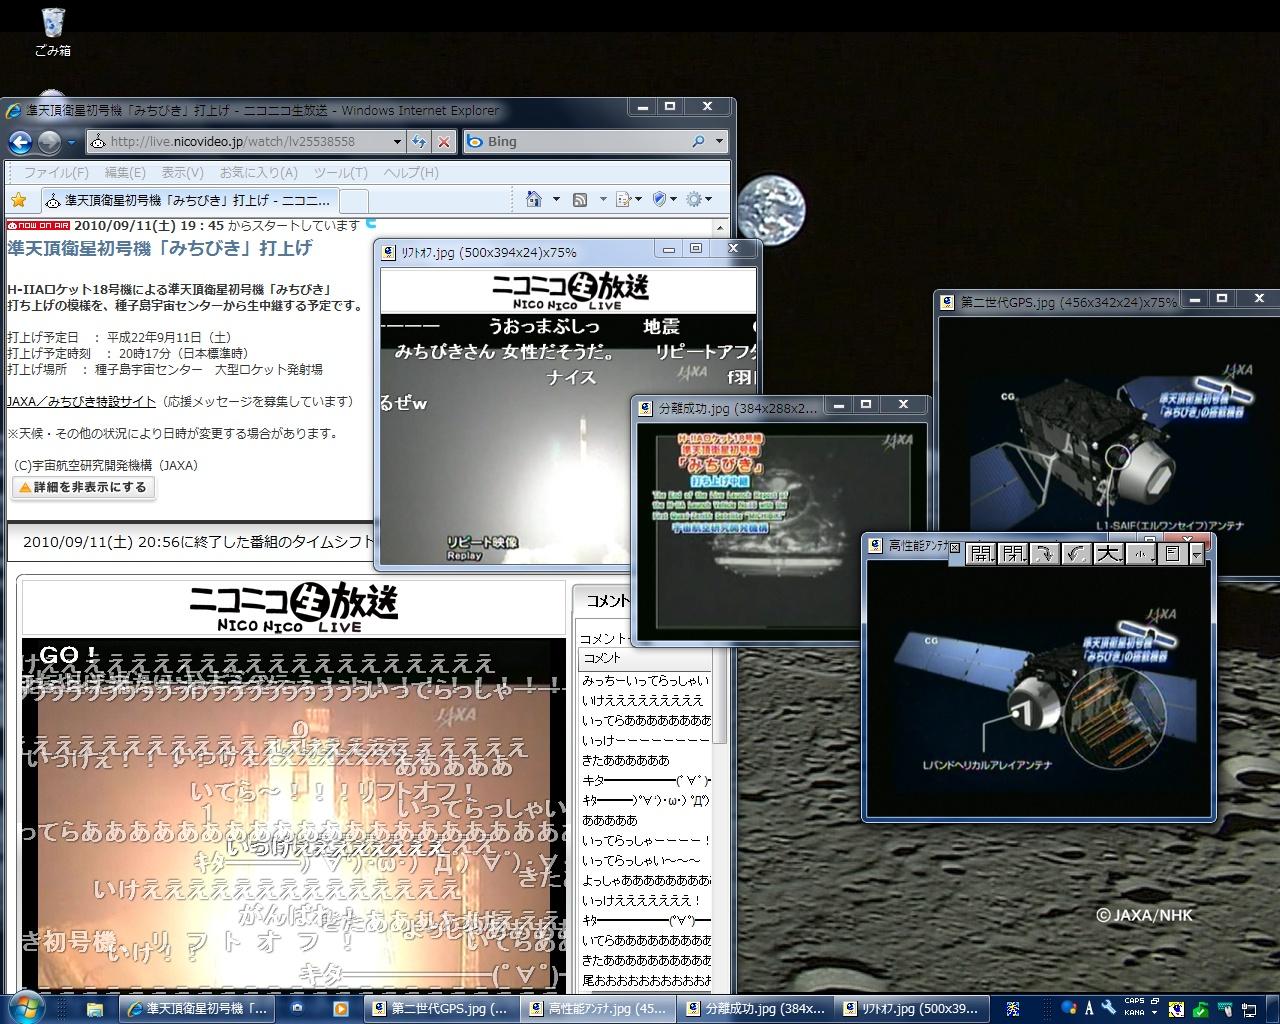 準天頂衛星初号機「みちびき」打上げ成功